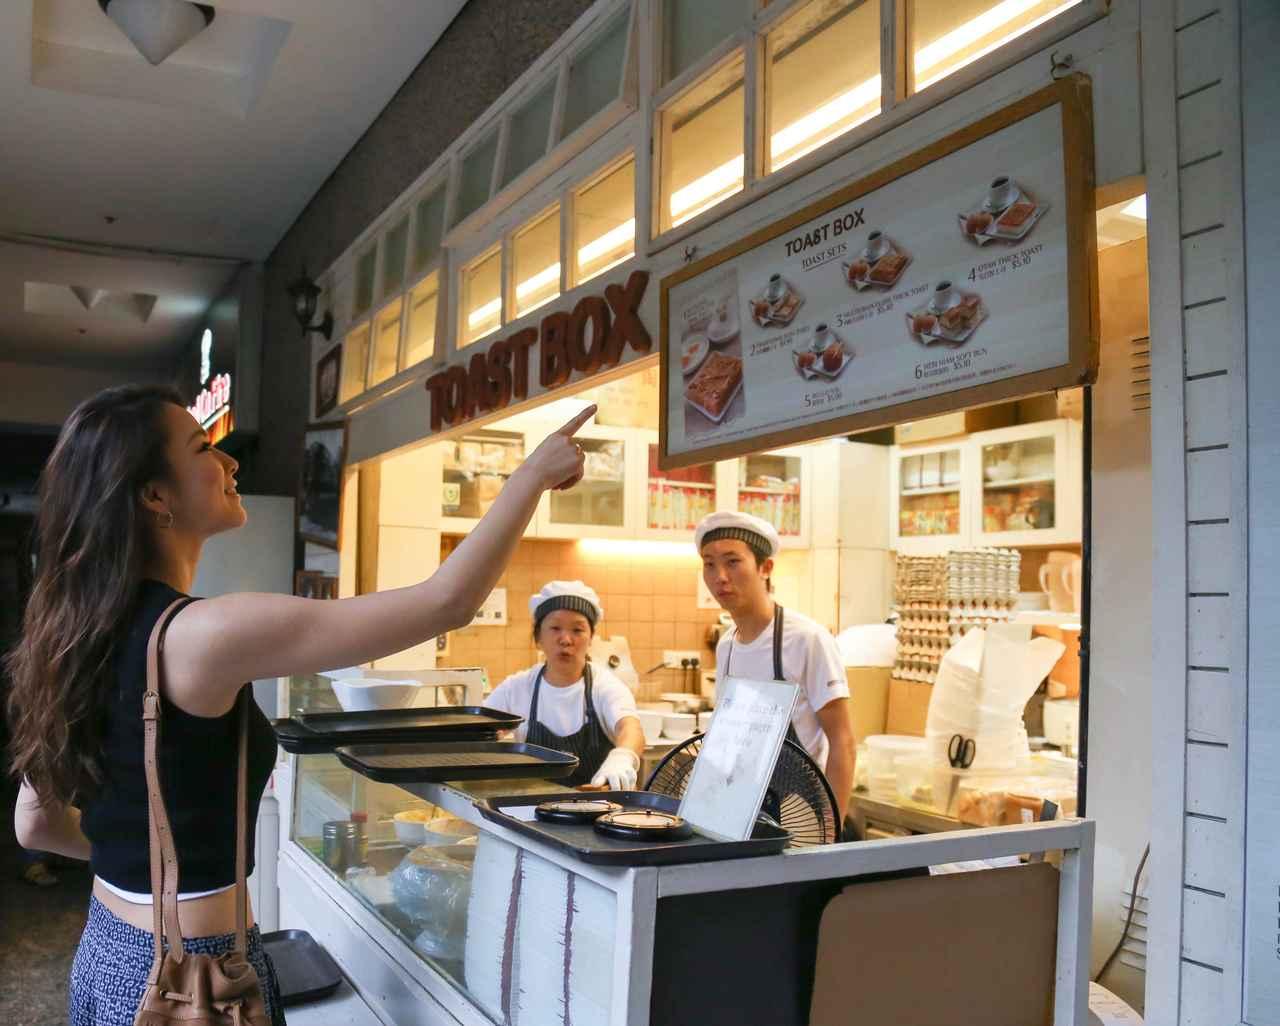 画像: カヤトーストはシンガポールの朝食の定番メニューのひとつ。 薄切りのパンをカリっとするまで焼いて、 カヤジャムとバターをはさんだシンプルなトーストです。 カヤジャムは、卵・ココナッツミルク・パンダンリーフと 呼ばれる香り付けの葉っぱとお砂糖から作られています。 甘~い味がたまりません。